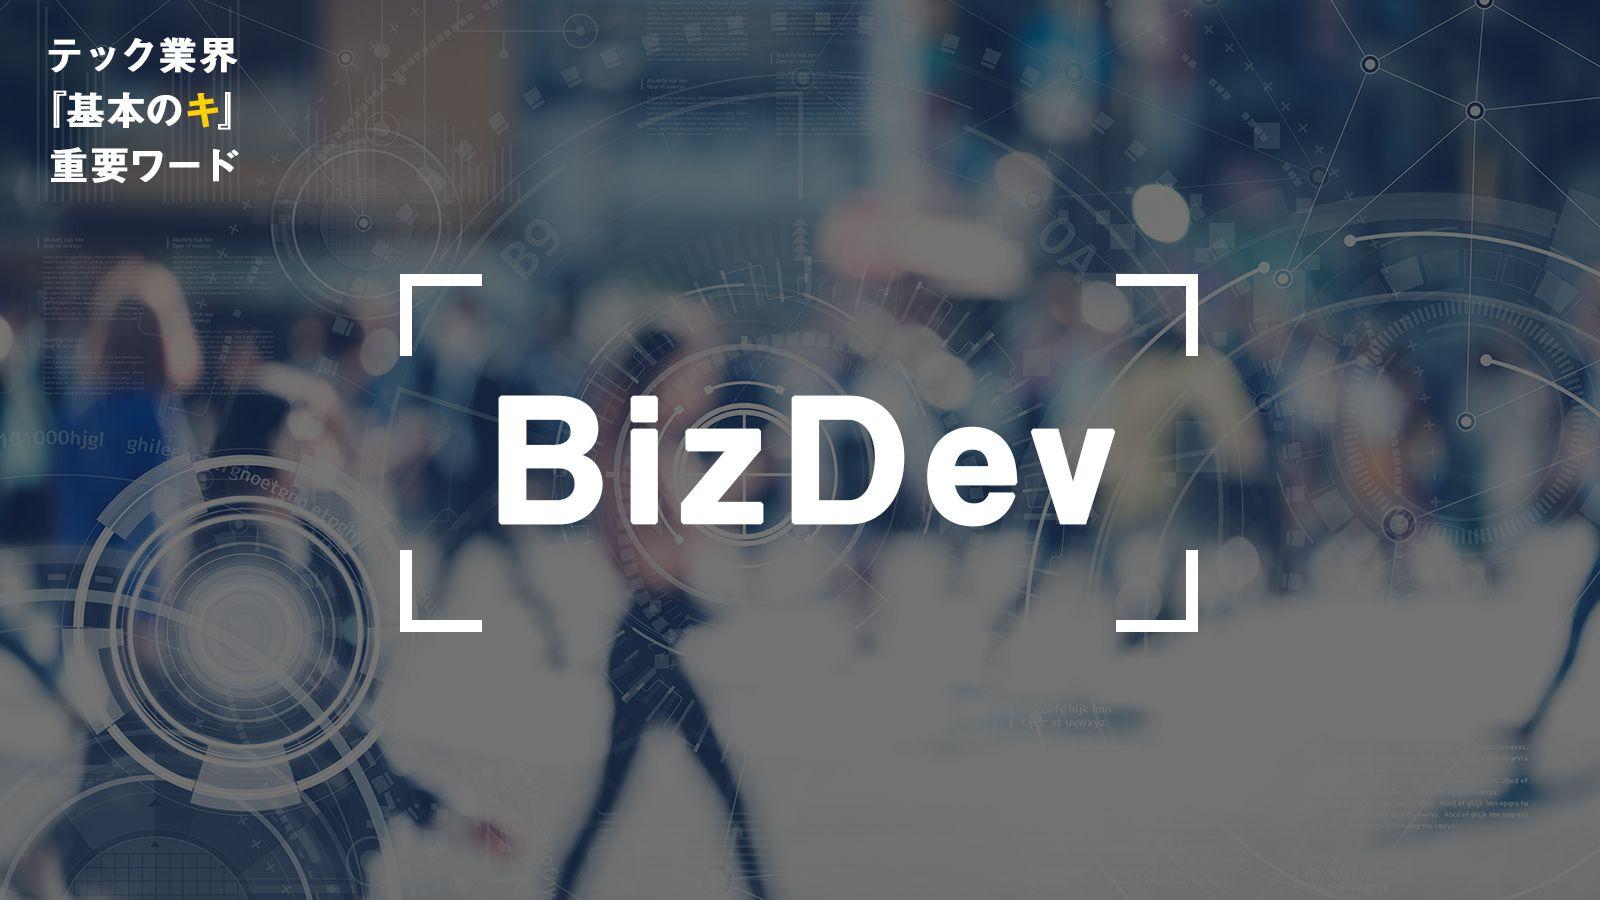 ビジネスディベロップメント(ビズデブ・BizDev)とは?|意味・背景・なり方・必要スキルを解説